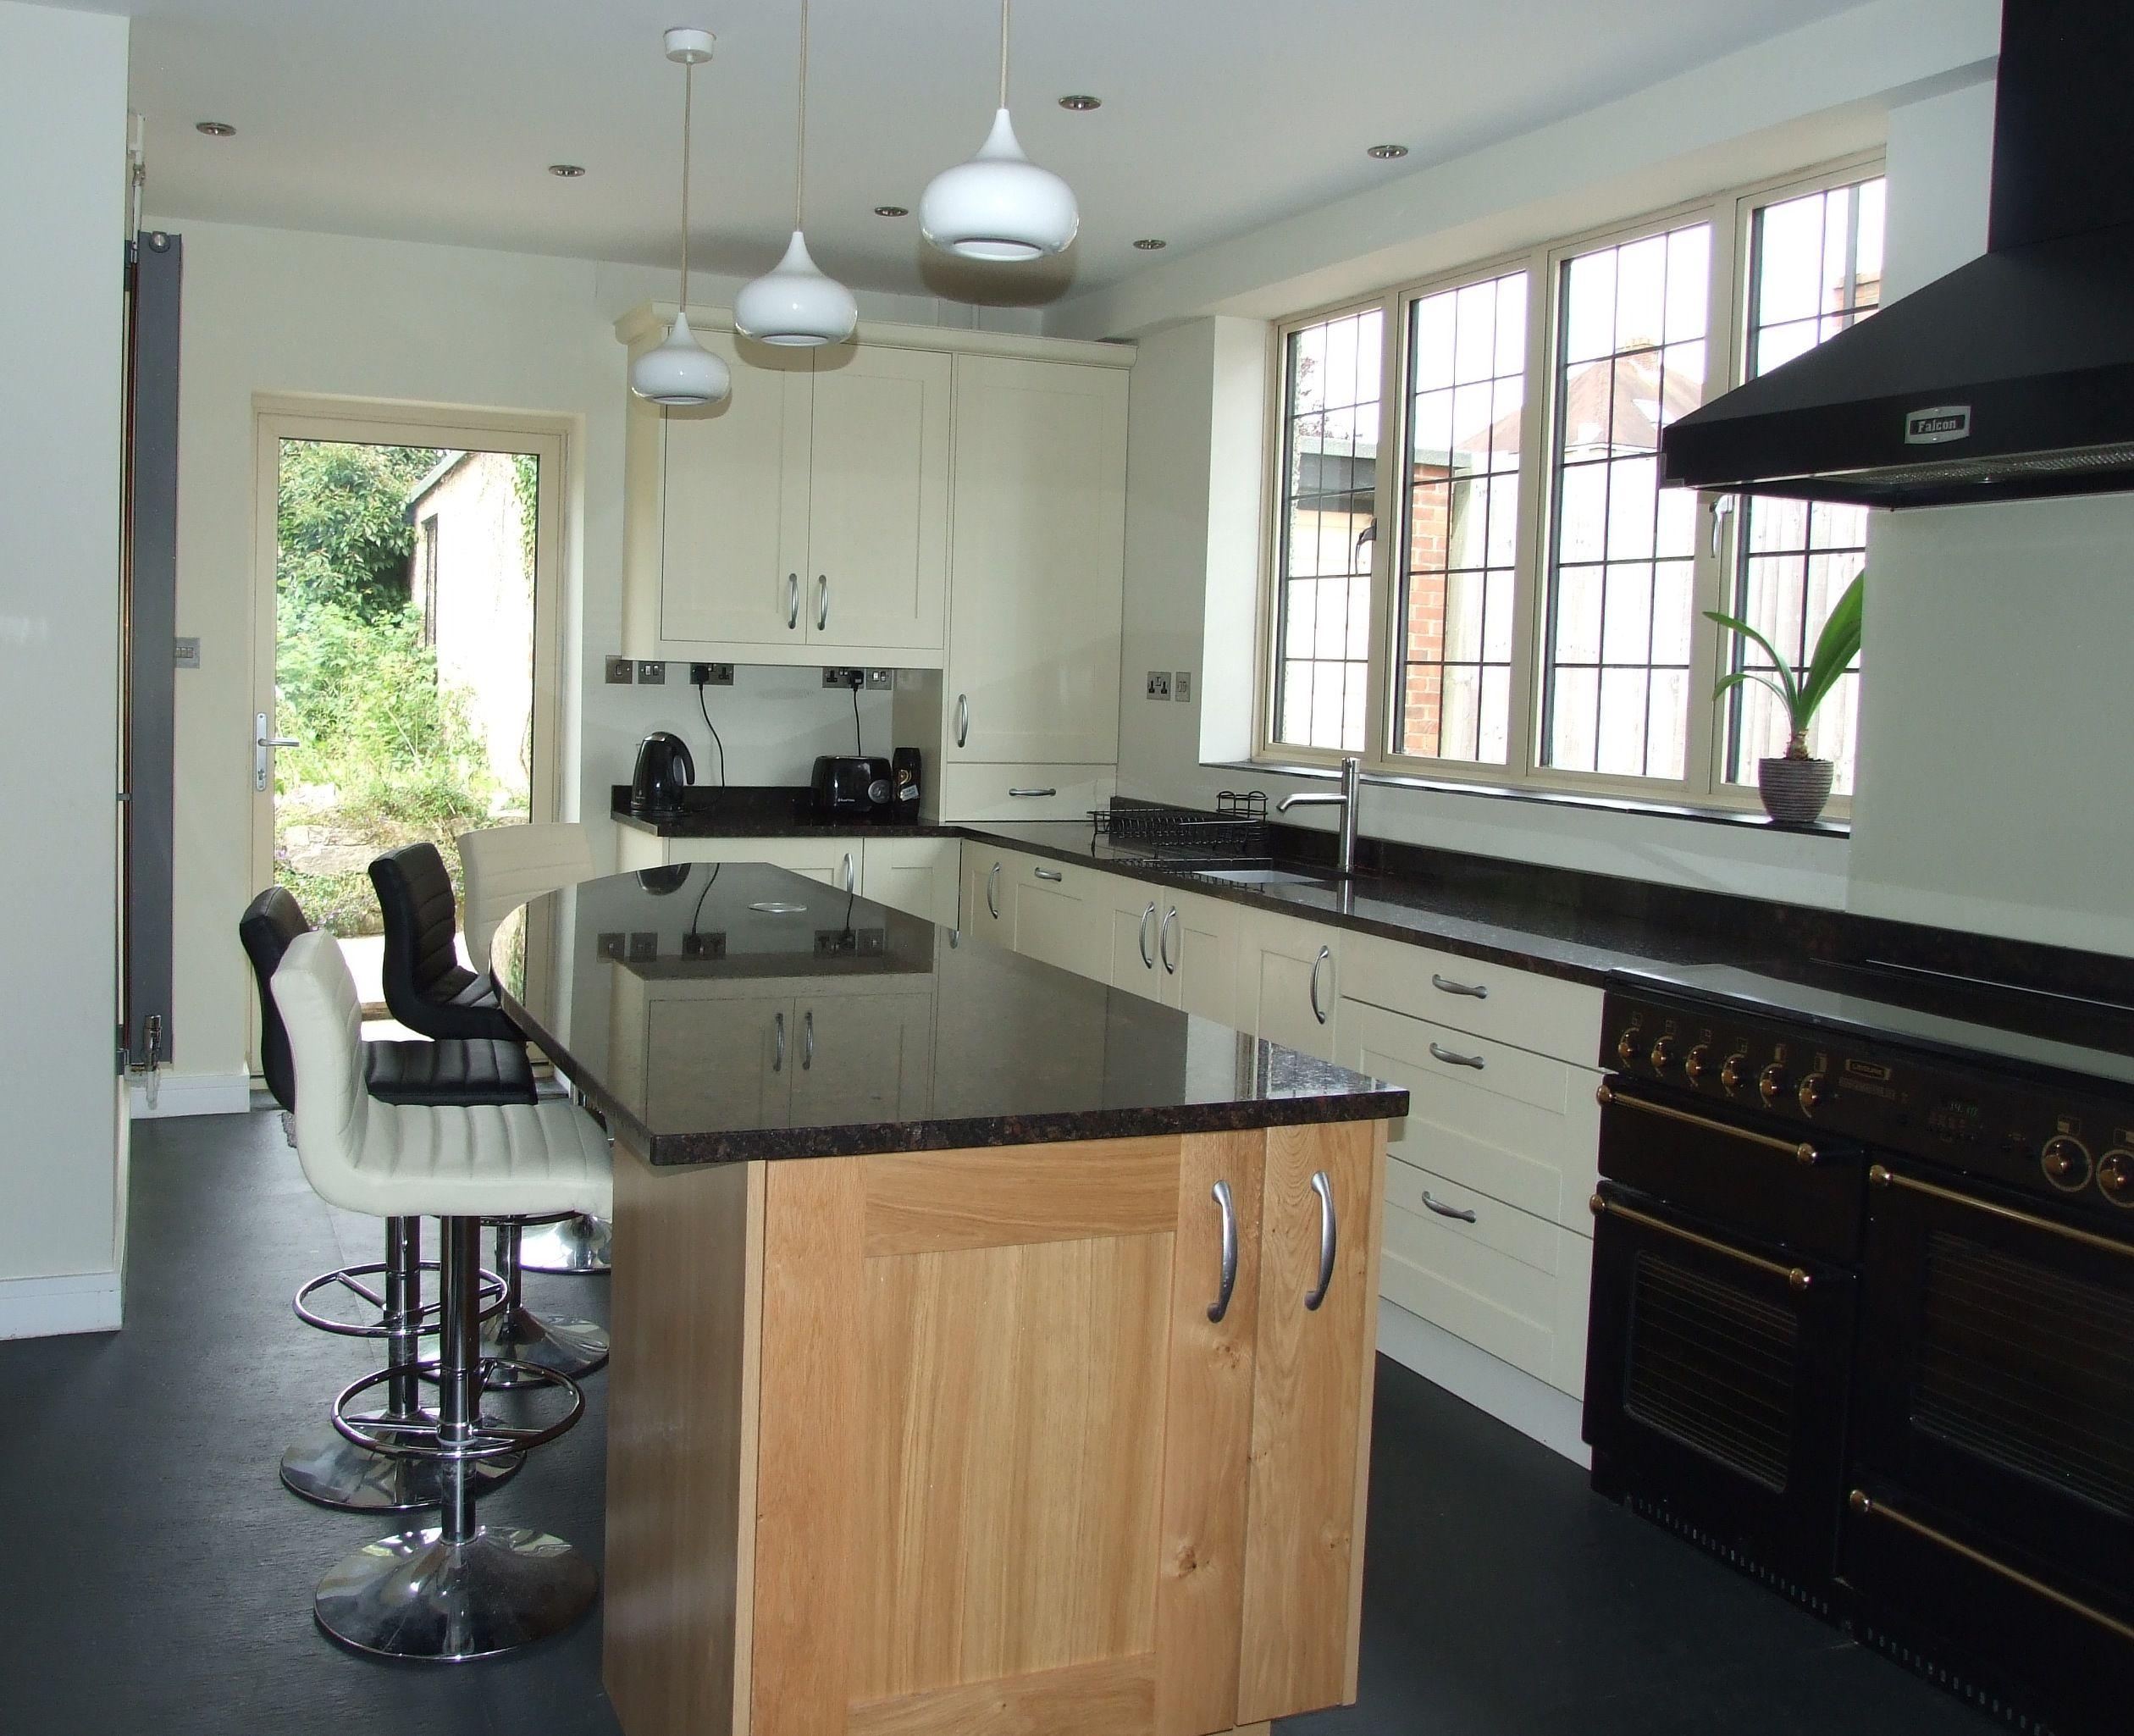 Sculpture of island kitchen units kitchen design ideas pinterest